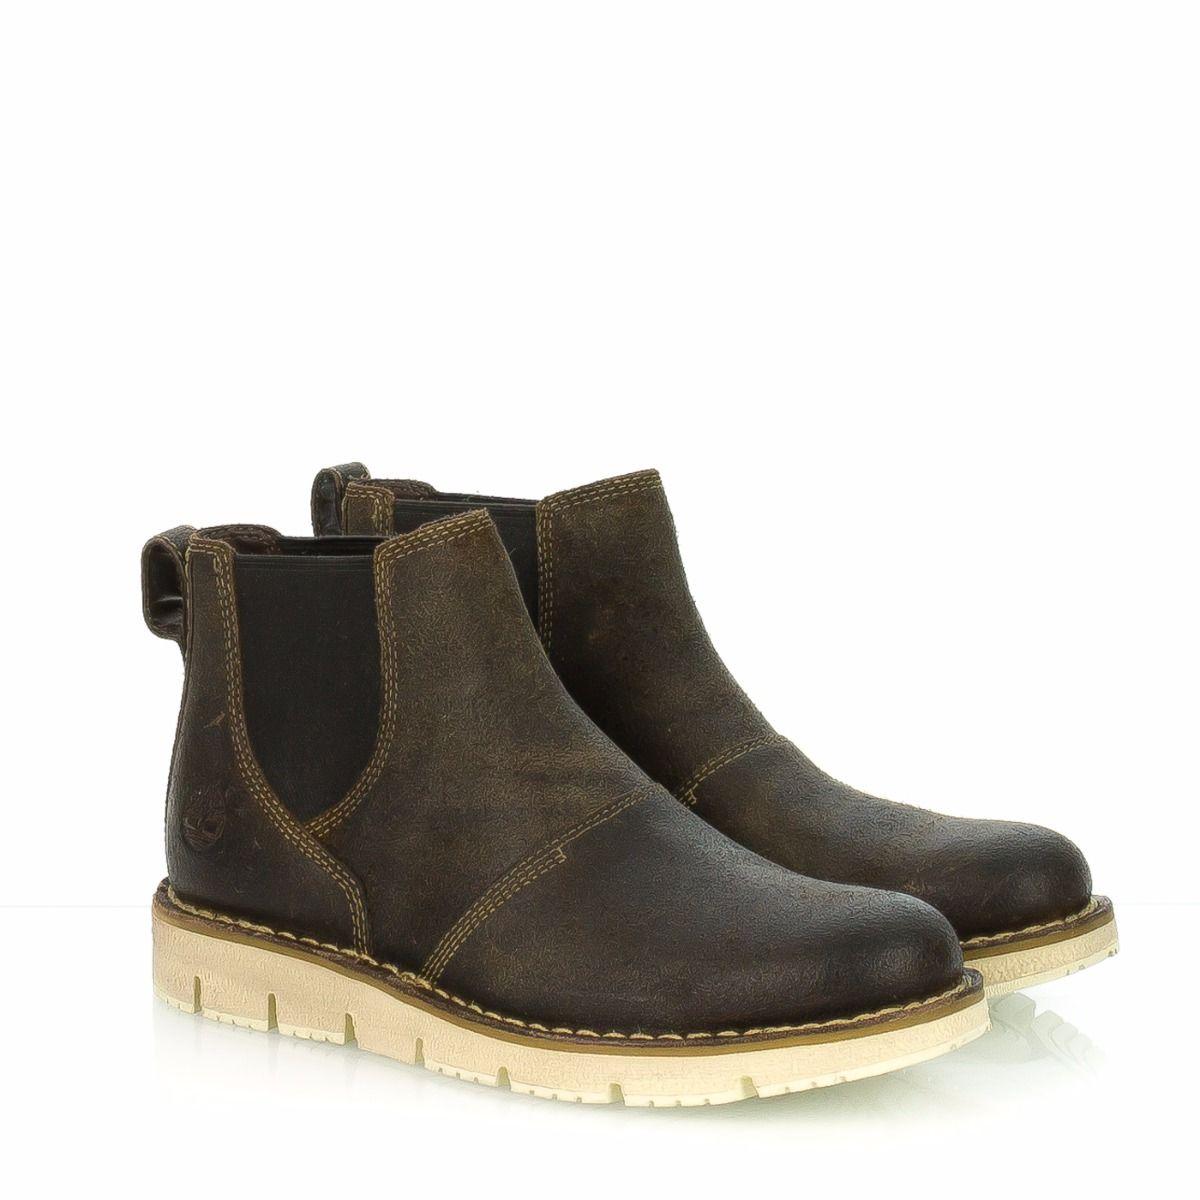 fed5b61cd6f8d7 Stivaletto da uomo TIMBERLAND A16EF pelle marrone |Spedizione gratuita|Shop  online|Shoe Center